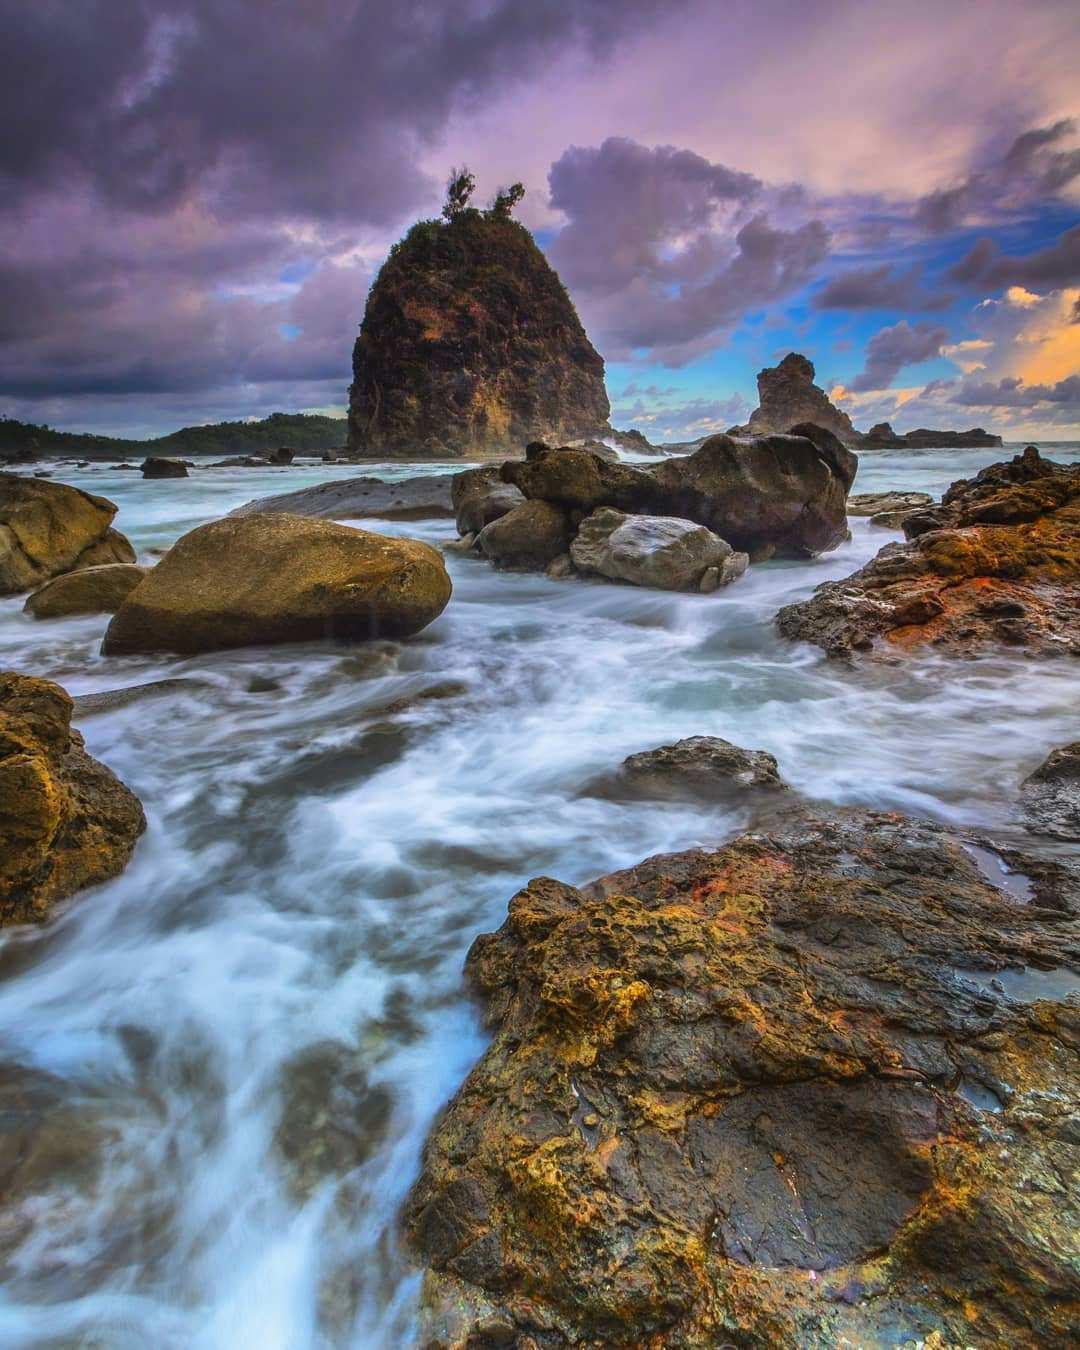 Karang dan Ombak di Pantai Watu Lumbung , Images From @ariswbr